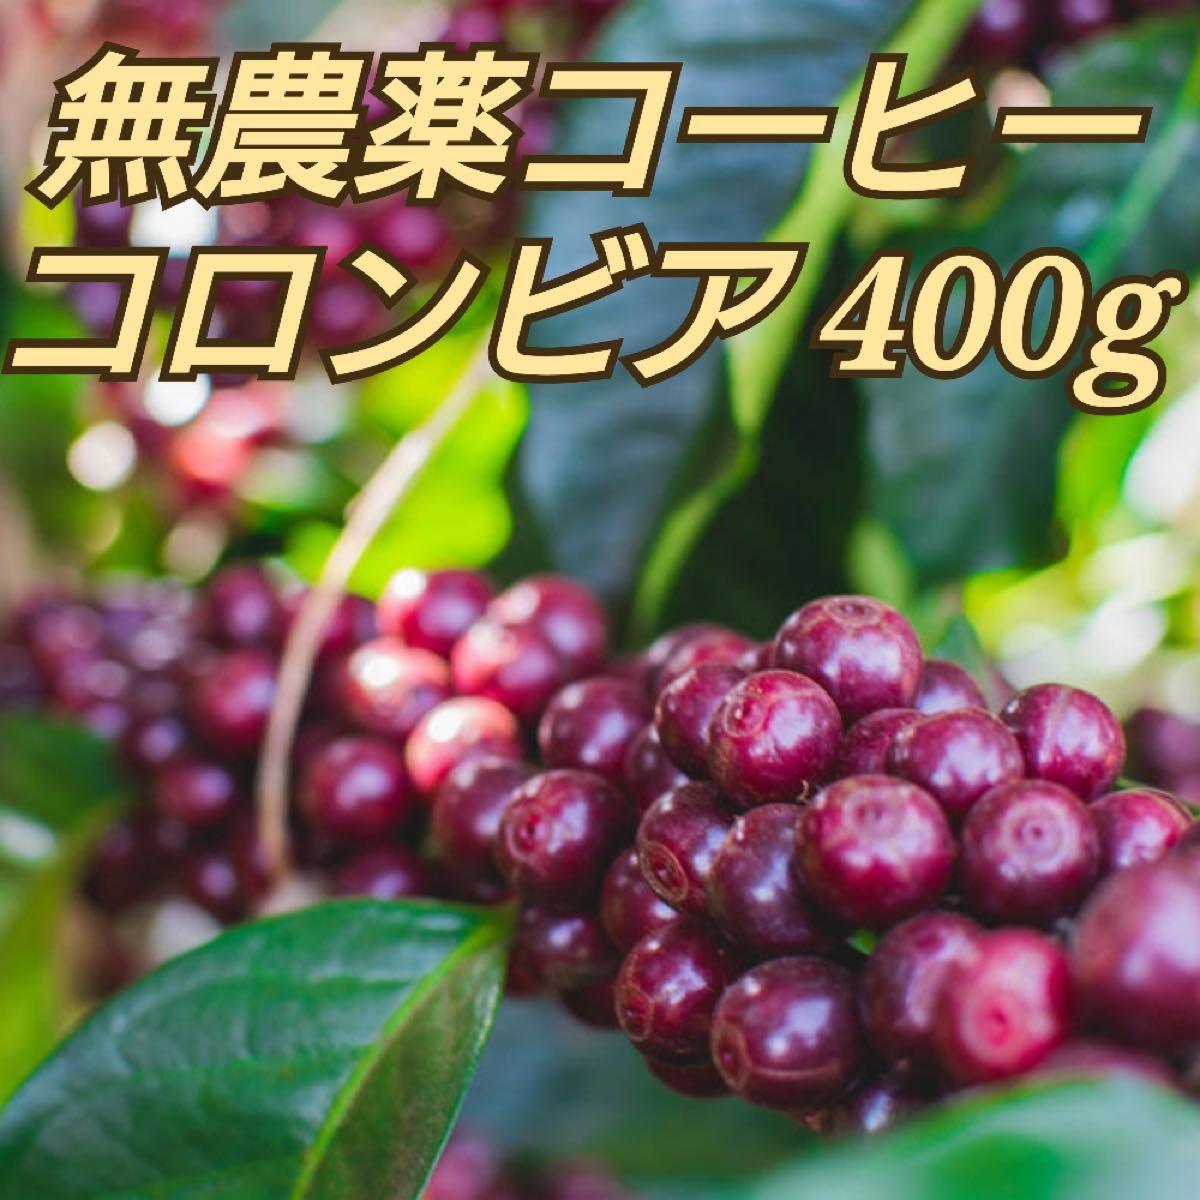 コーヒー 豆 無農薬 コロンビア400g  自家焙煎珈琲 オーガニック